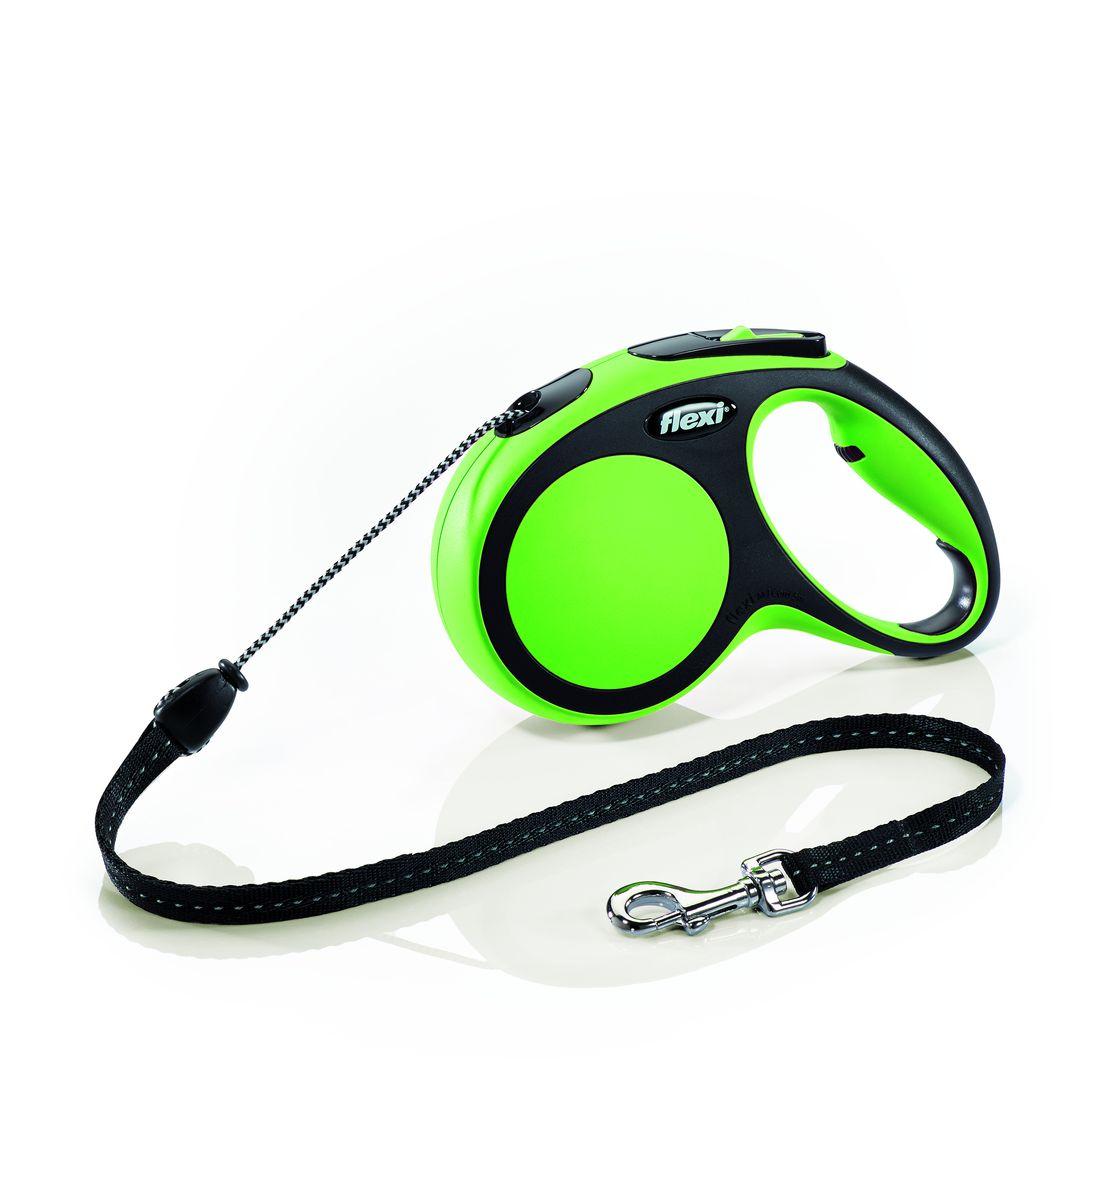 Поводок-рулетка Flexi New Comfort М, трос, для собак весом до 20 кг, цвет: черный, зеленый, 5 м28926Тросовый поводок-рулетка обеспечивает каждой собаке свободу движения, что идет на пользу здоровью и радует вашего четвероногого друга. Рулетка очень проста в использовании. Оснащена кнопками кратковременной и постоянной фиксации. Рулетку можно оснастить - мультибоксом для лакомств или пакетиков для сбора фекалий, LED подсветкой корпуса.Прочный корпус, хромированная застежка и светоотражающие элементы.На рукоятке имеется колесико позволяющее адаптировать размер рукоятки под размер рукиДлина 5 м.Для собак весом до 20 кг.